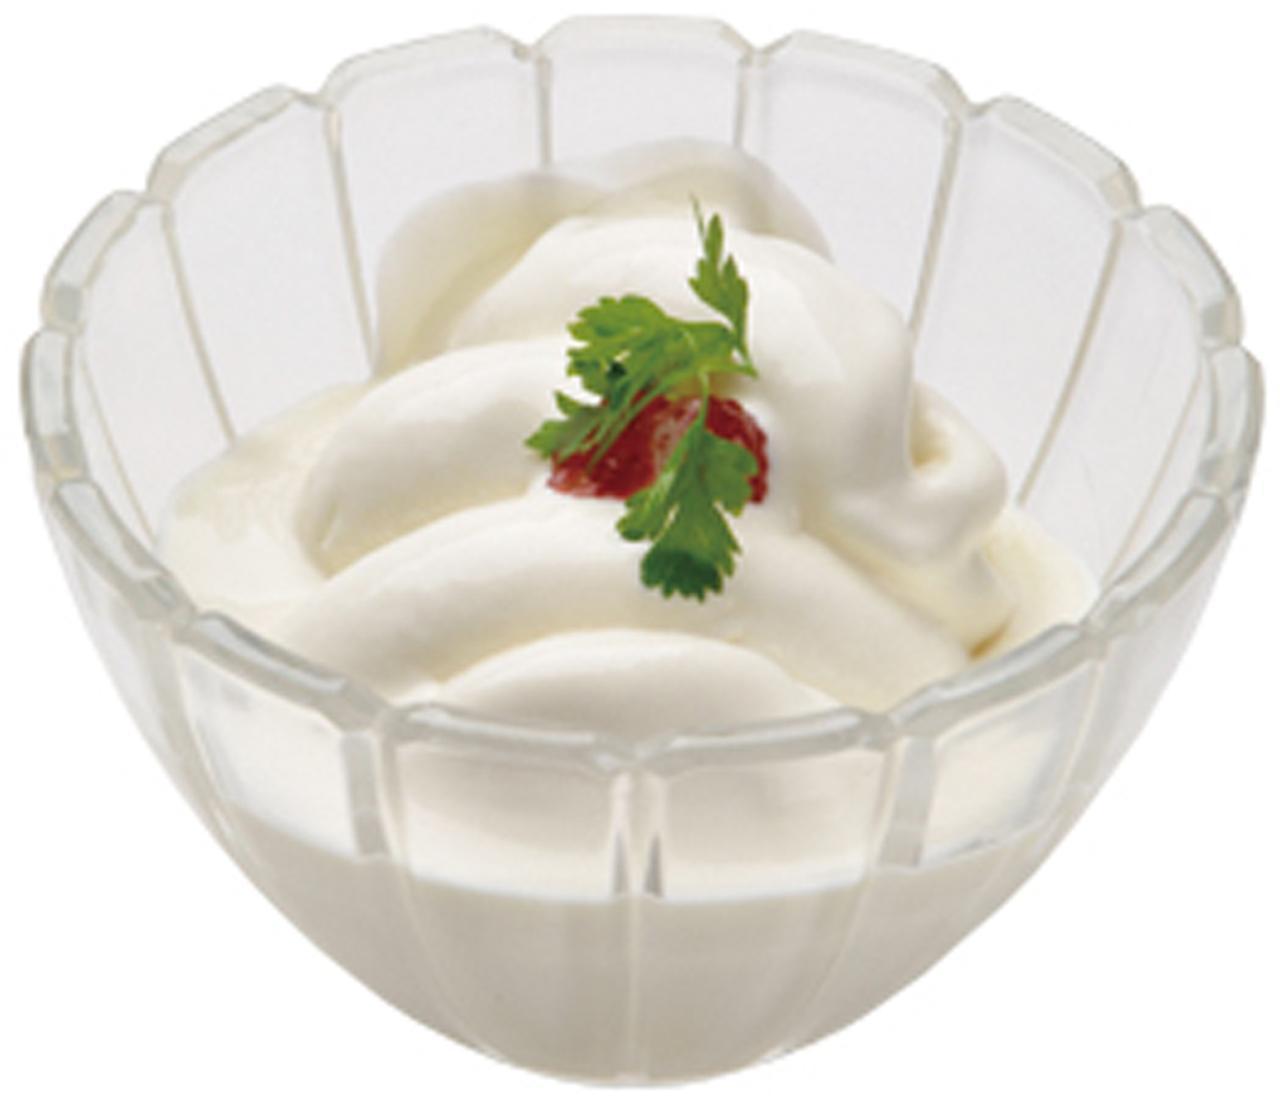 画像6: 夏のデザート&冷たい飲み物が楽しめる便利調理家電